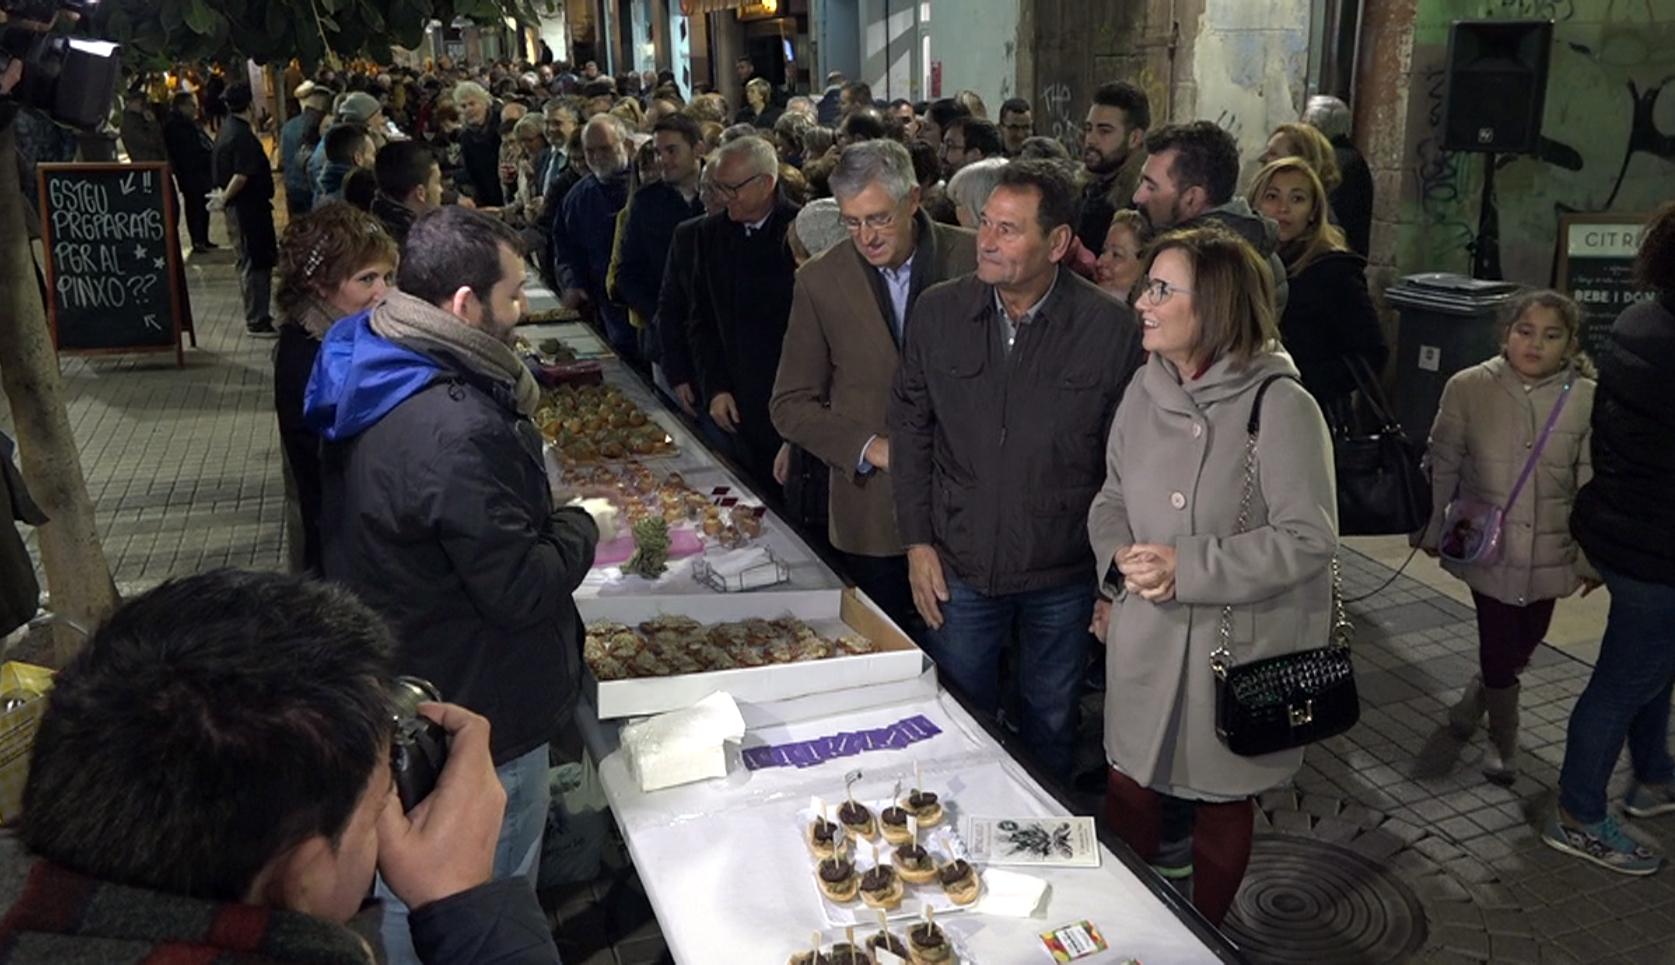 Benicarló, arrenca la 25a Festa de la Carxofa amb les Jornades del Pinxo